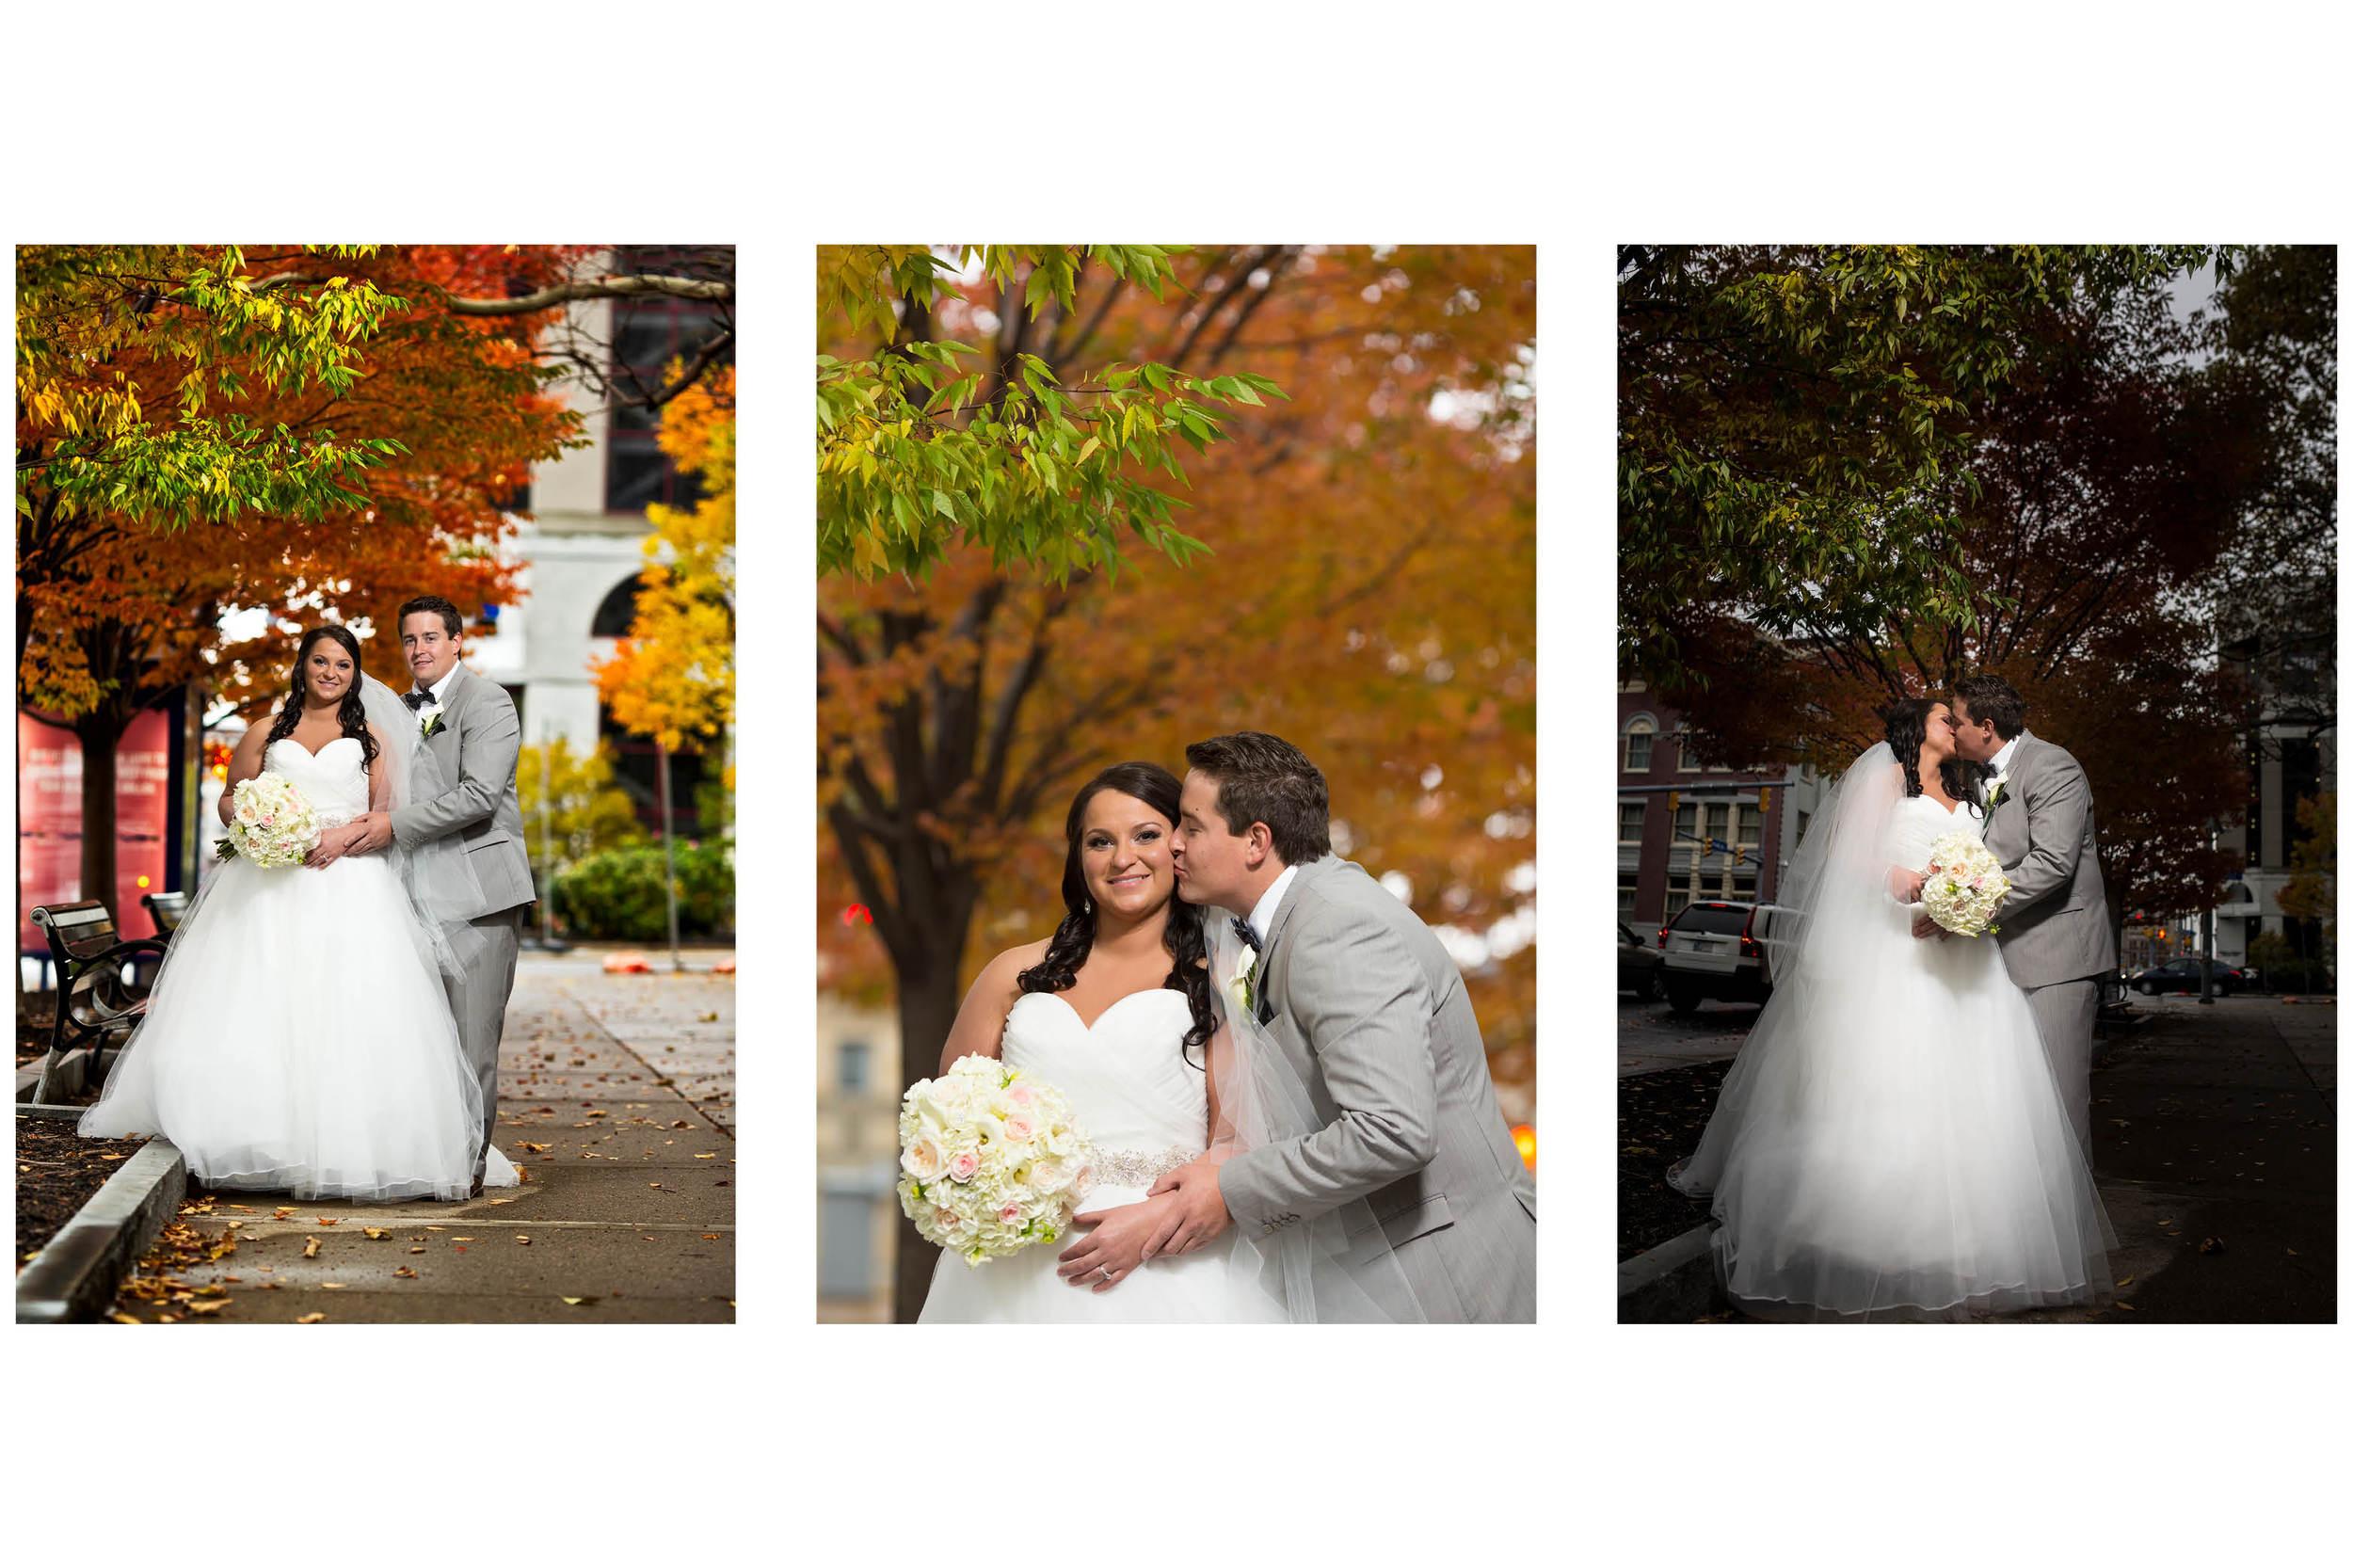 bride and groom6.jpg